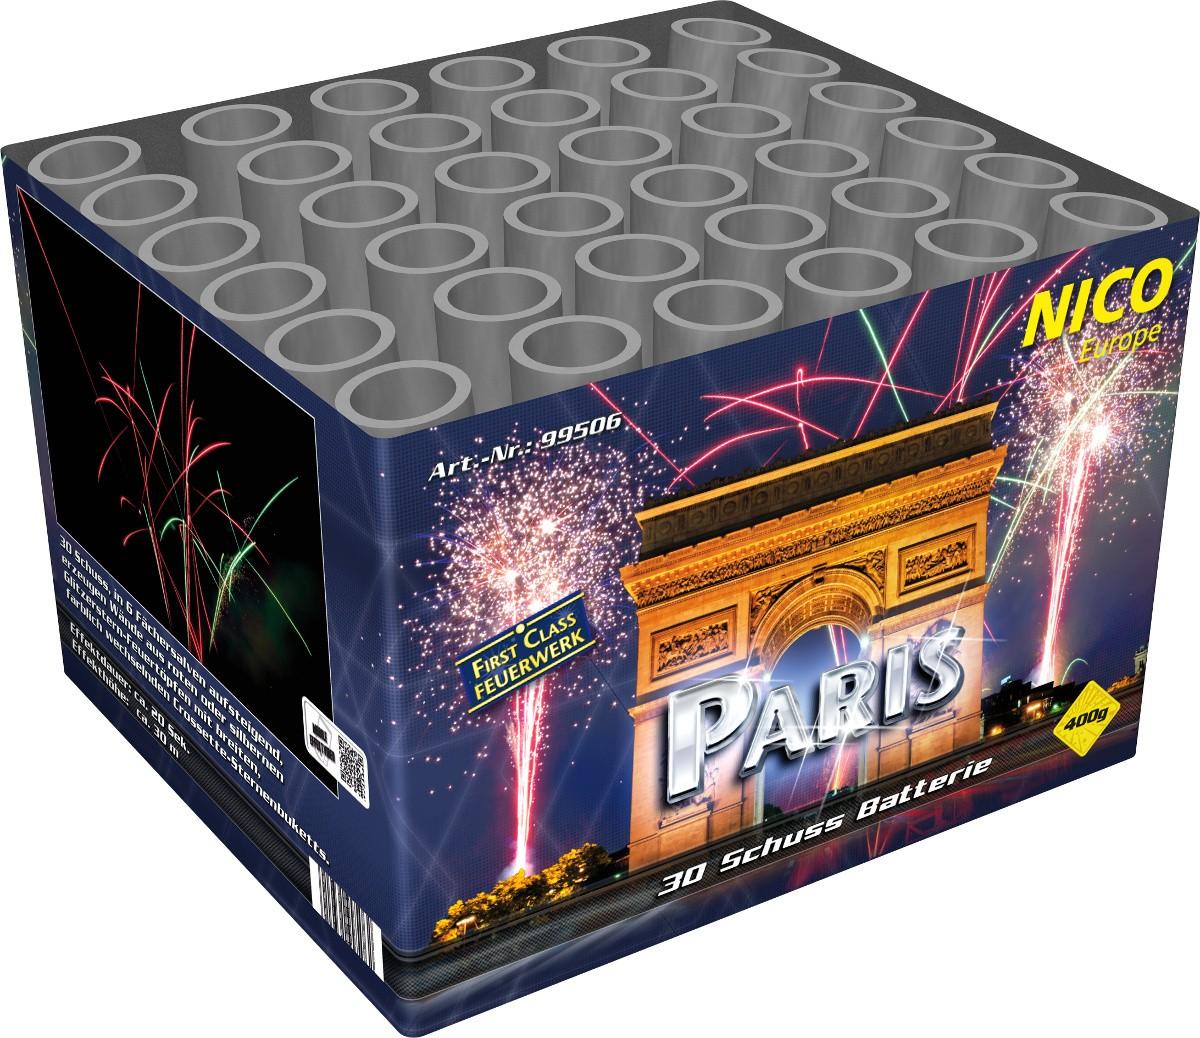 Batteriefeuerwerk 30 Schuss Paris